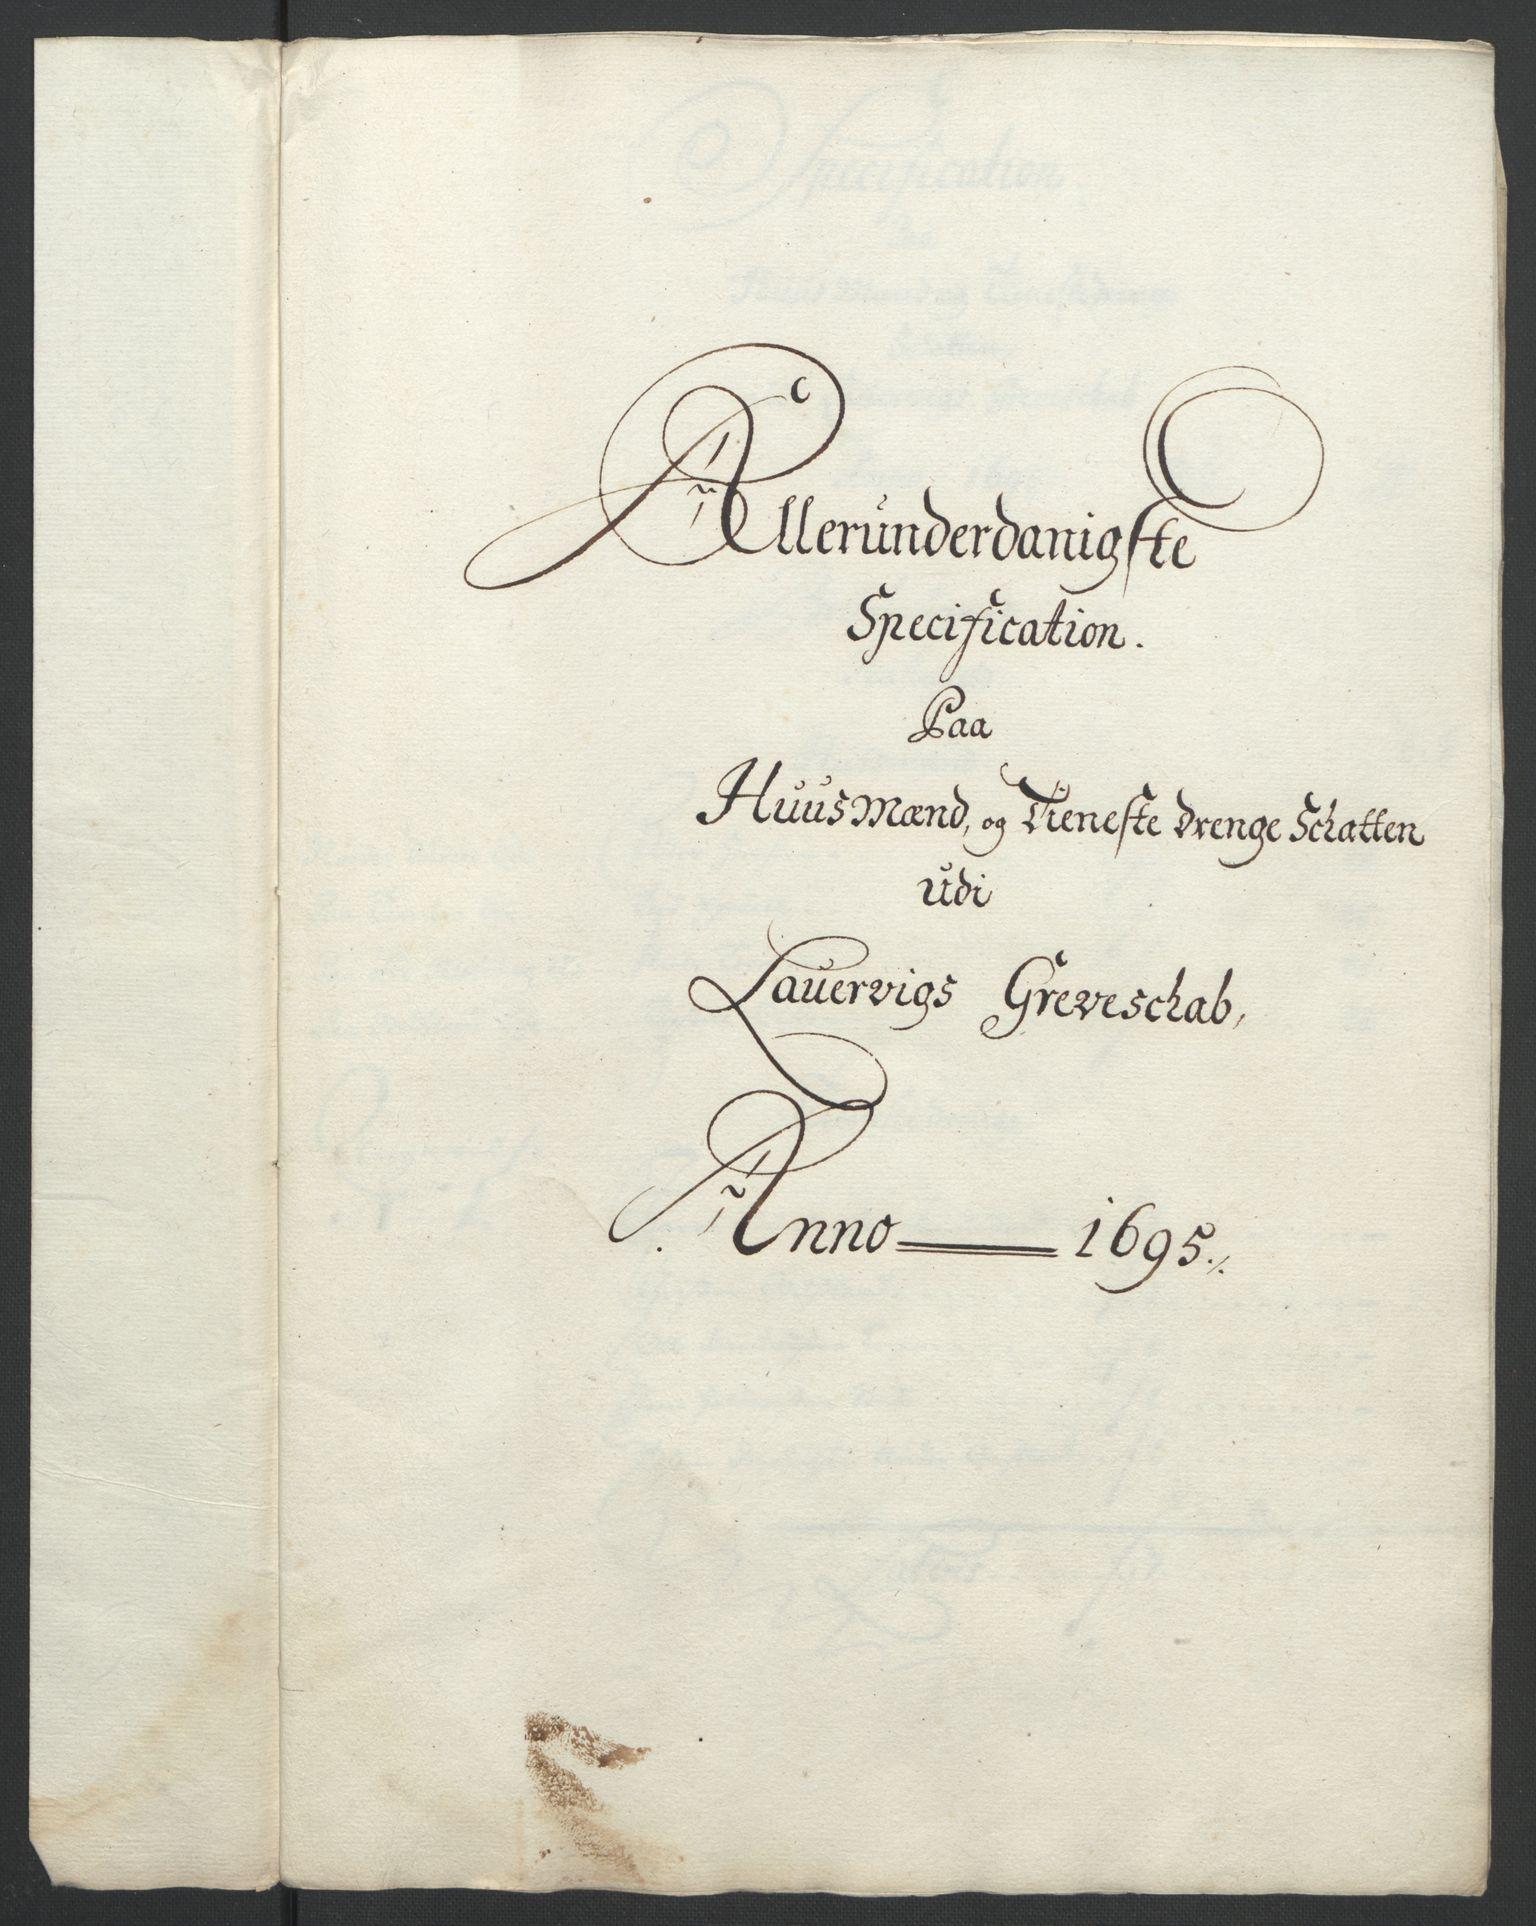 RA, Rentekammeret inntil 1814, Reviderte regnskaper, Fogderegnskap, R33/L1974: Fogderegnskap Larvik grevskap, 1693-1695, s. 259